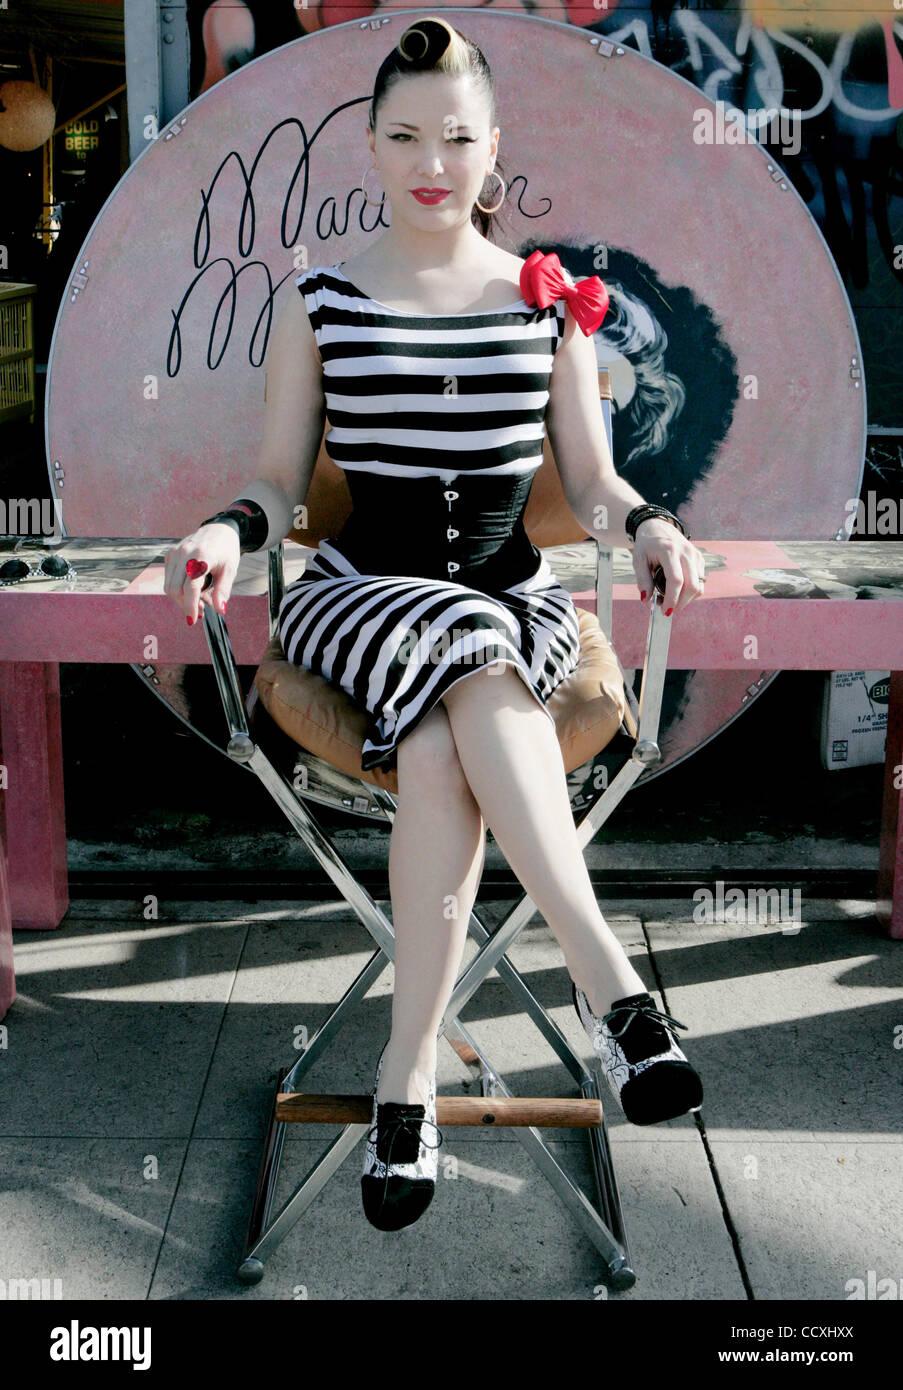 Apr 19 2010 Los Angeles California U S Singer Performer Imelda May